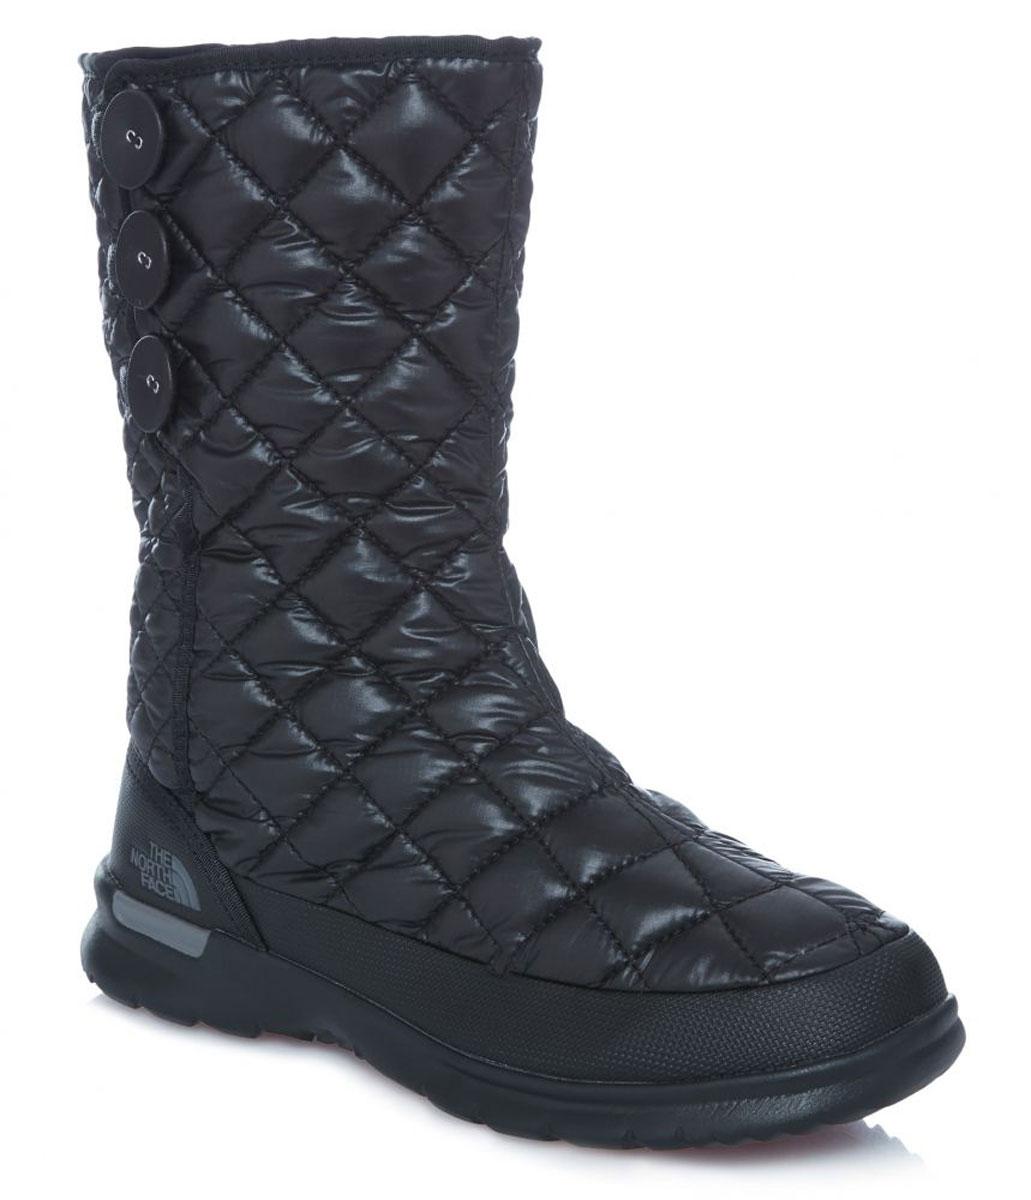 T92T5KNSXЛегкие и удобные стильные сапоги на пуговицах с регулируемым подгибом обеспечивают комфорт и великолепный внешний вид. Утеплитель Thermoball™ сохраняет тепло ног на снежной тропе, а благодаря протекторам IcePick® вы никогда не поскользнетесь на обратном пути к лагерю. Стелька OrthoLite® ReBound и регулируемая посадка с флисовой подкладкой обеспечивают максимальный комфорт.